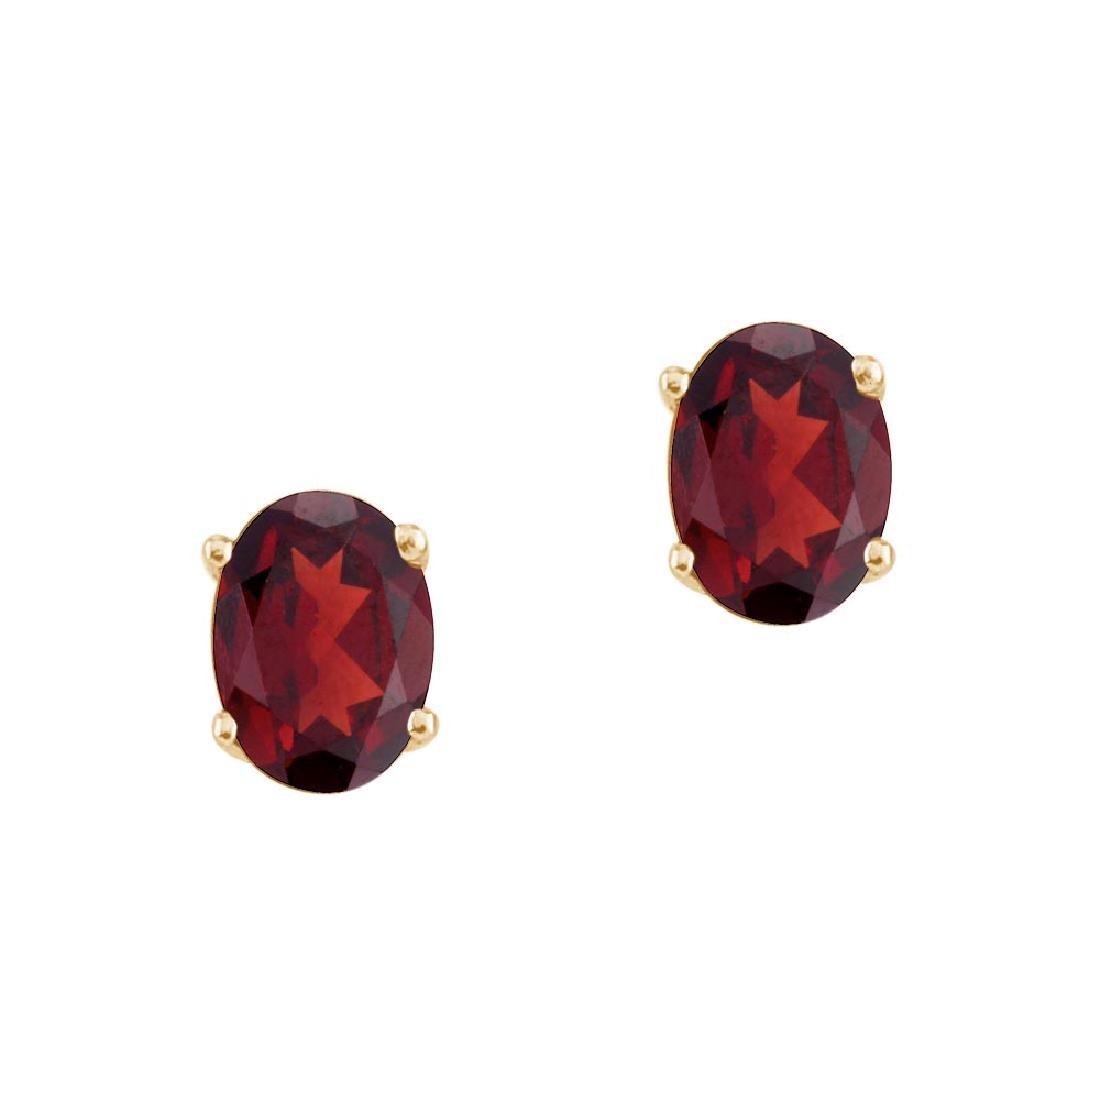 Certified 14k Yellow Gold Oval Garnet Stud Earrings 1.5